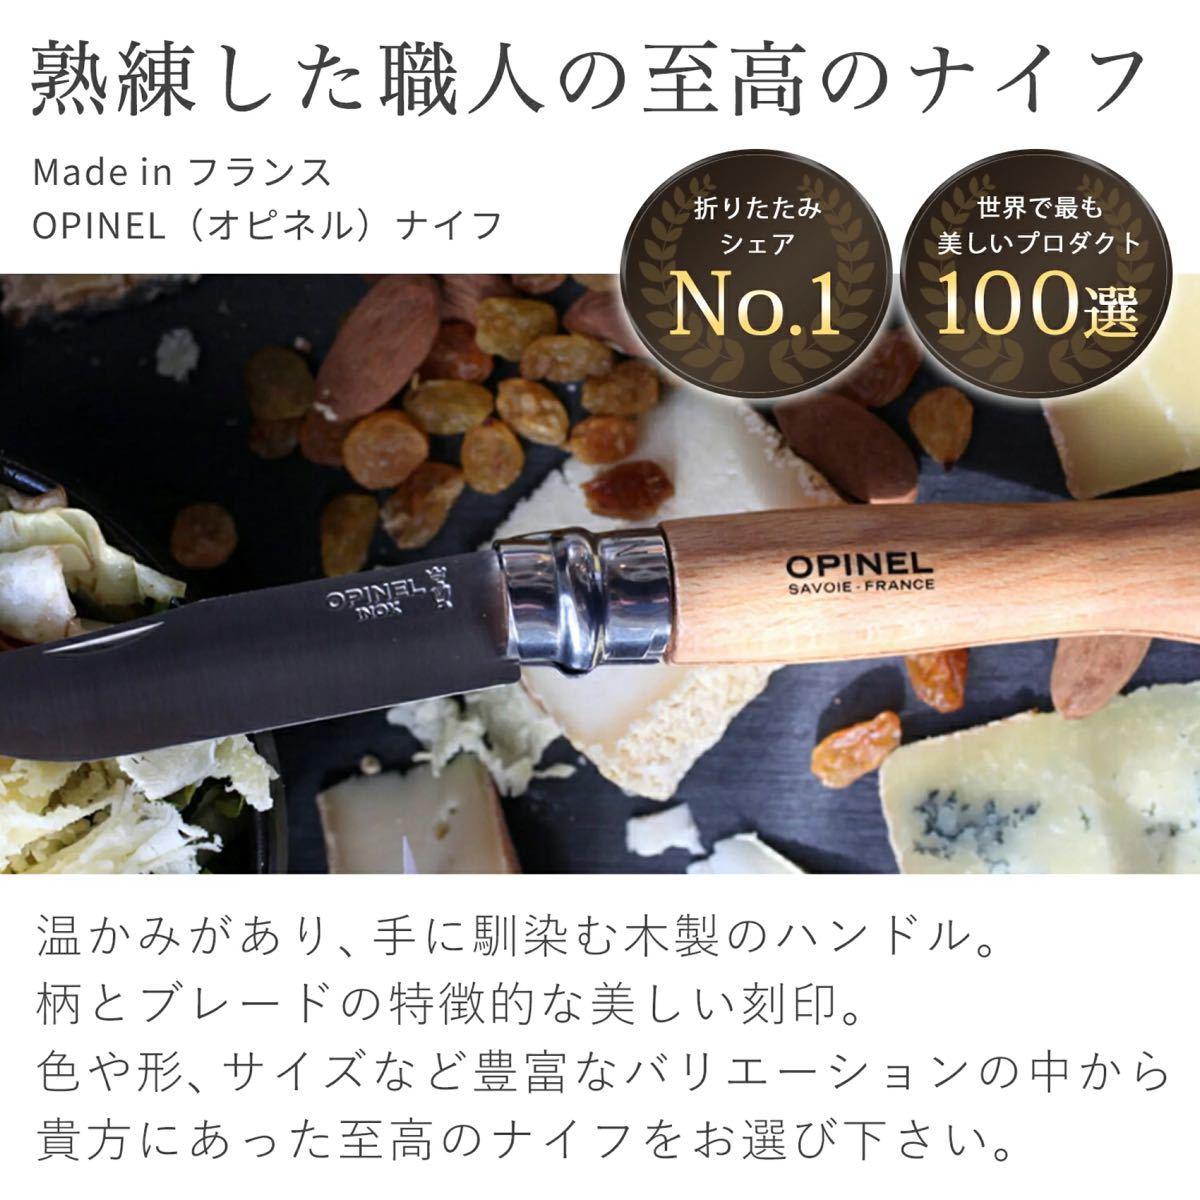 オピネルナイフ #10 10cm  新品 ソロキャンプに オススメ OPINEL